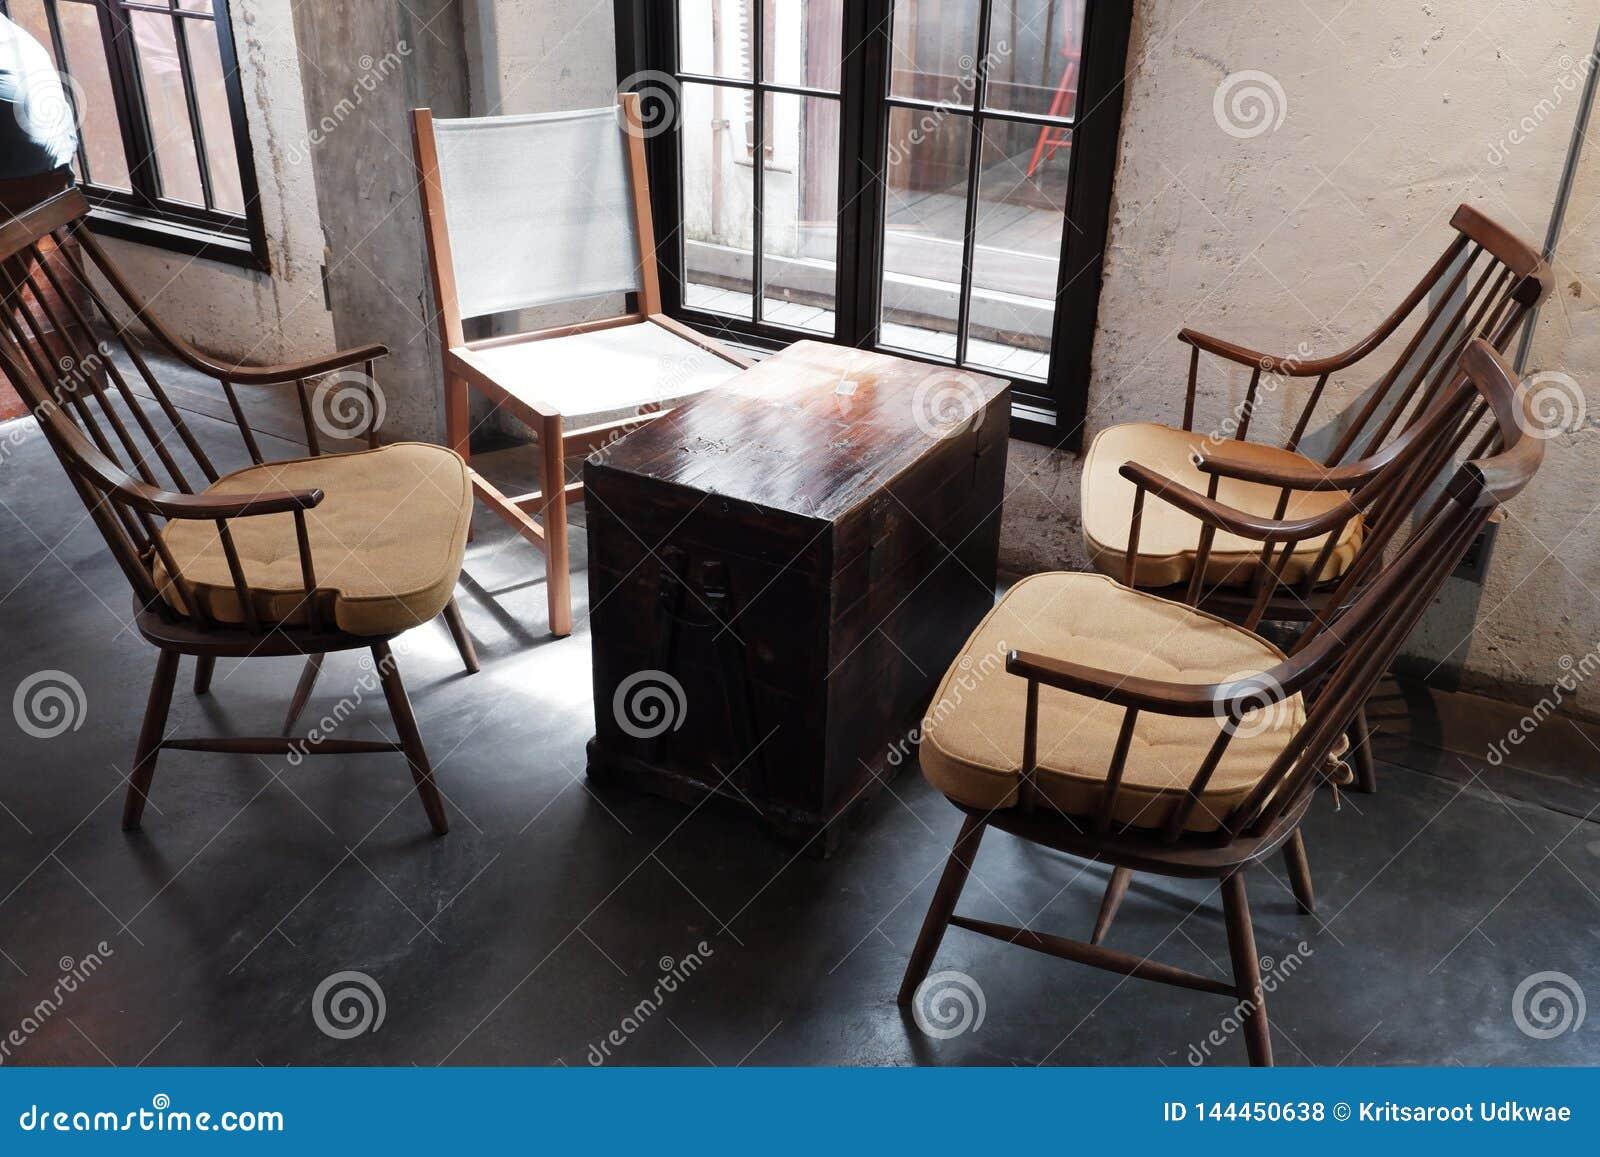 咖啡桌和椅子在窗口附近与顶楼样式